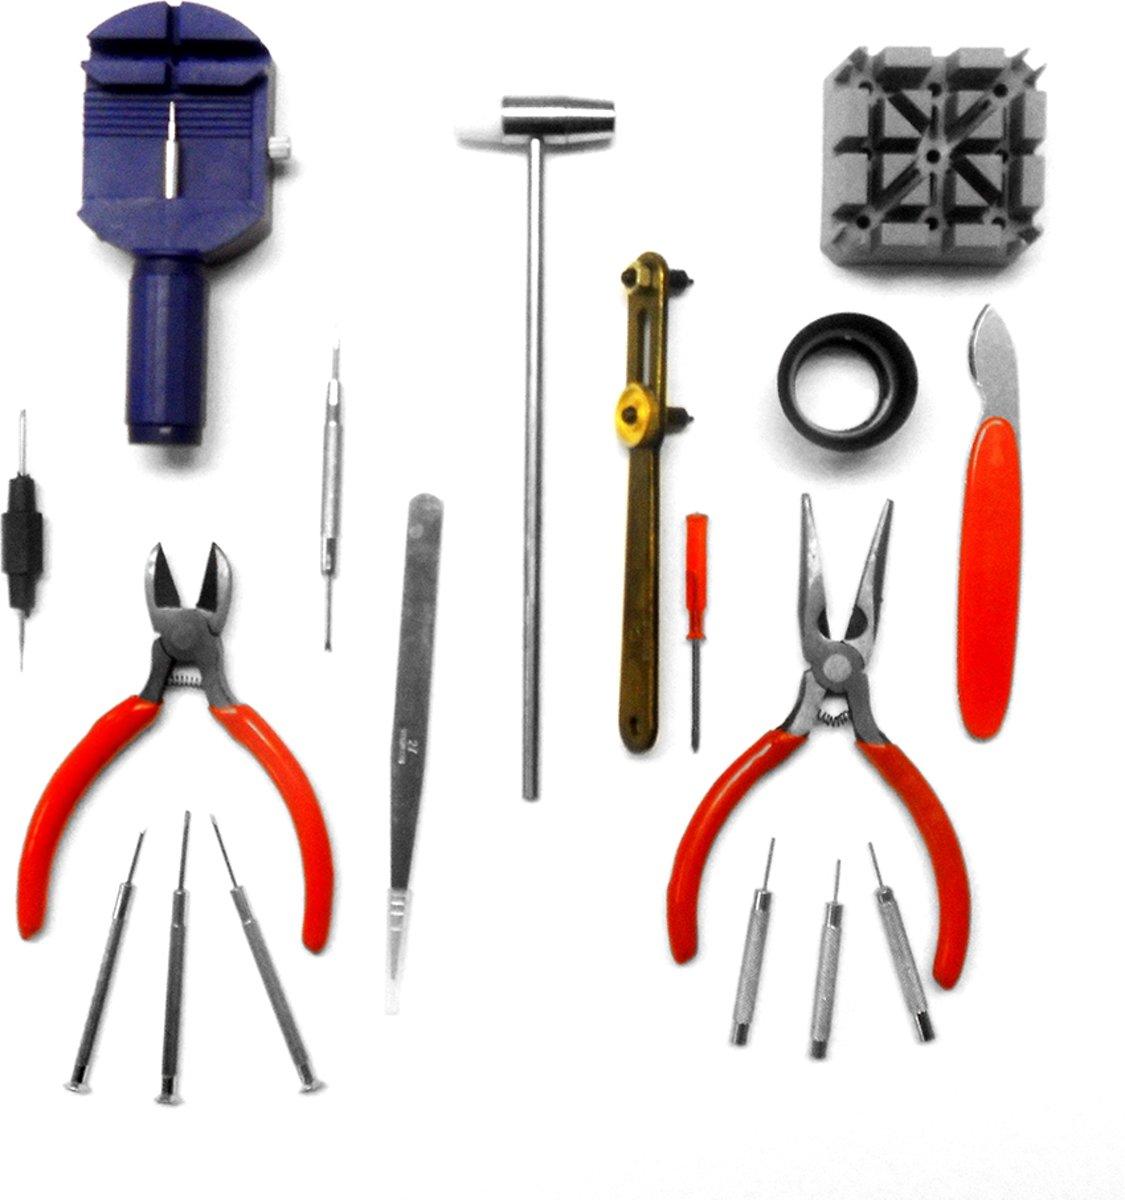 Horloge Gereedschapset 818200381 Reparatie Set / Toolkit voor Horloge Reparatie - 18 delig kopen